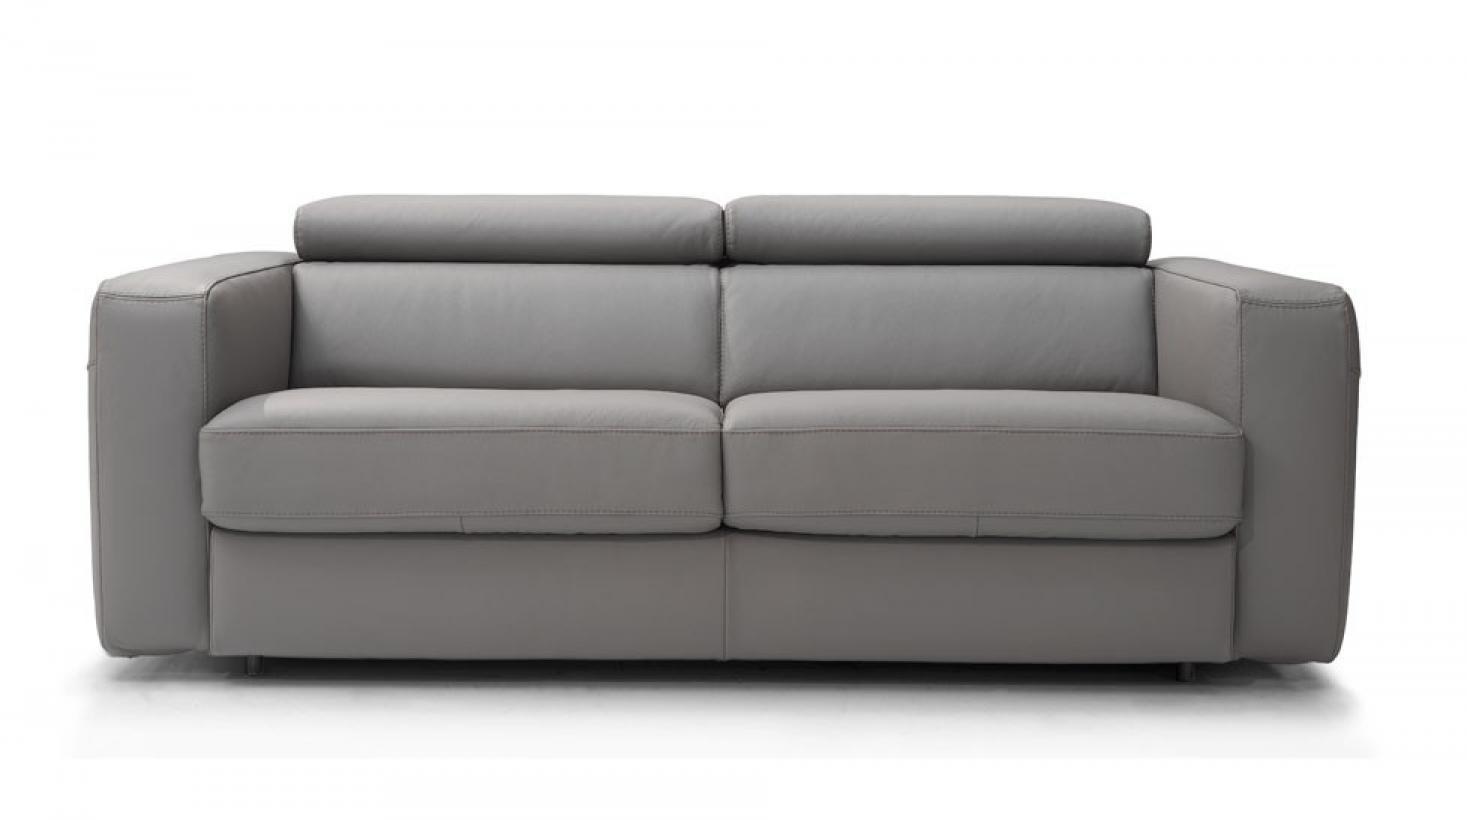 photos canap lit confortable pas cher. Black Bedroom Furniture Sets. Home Design Ideas